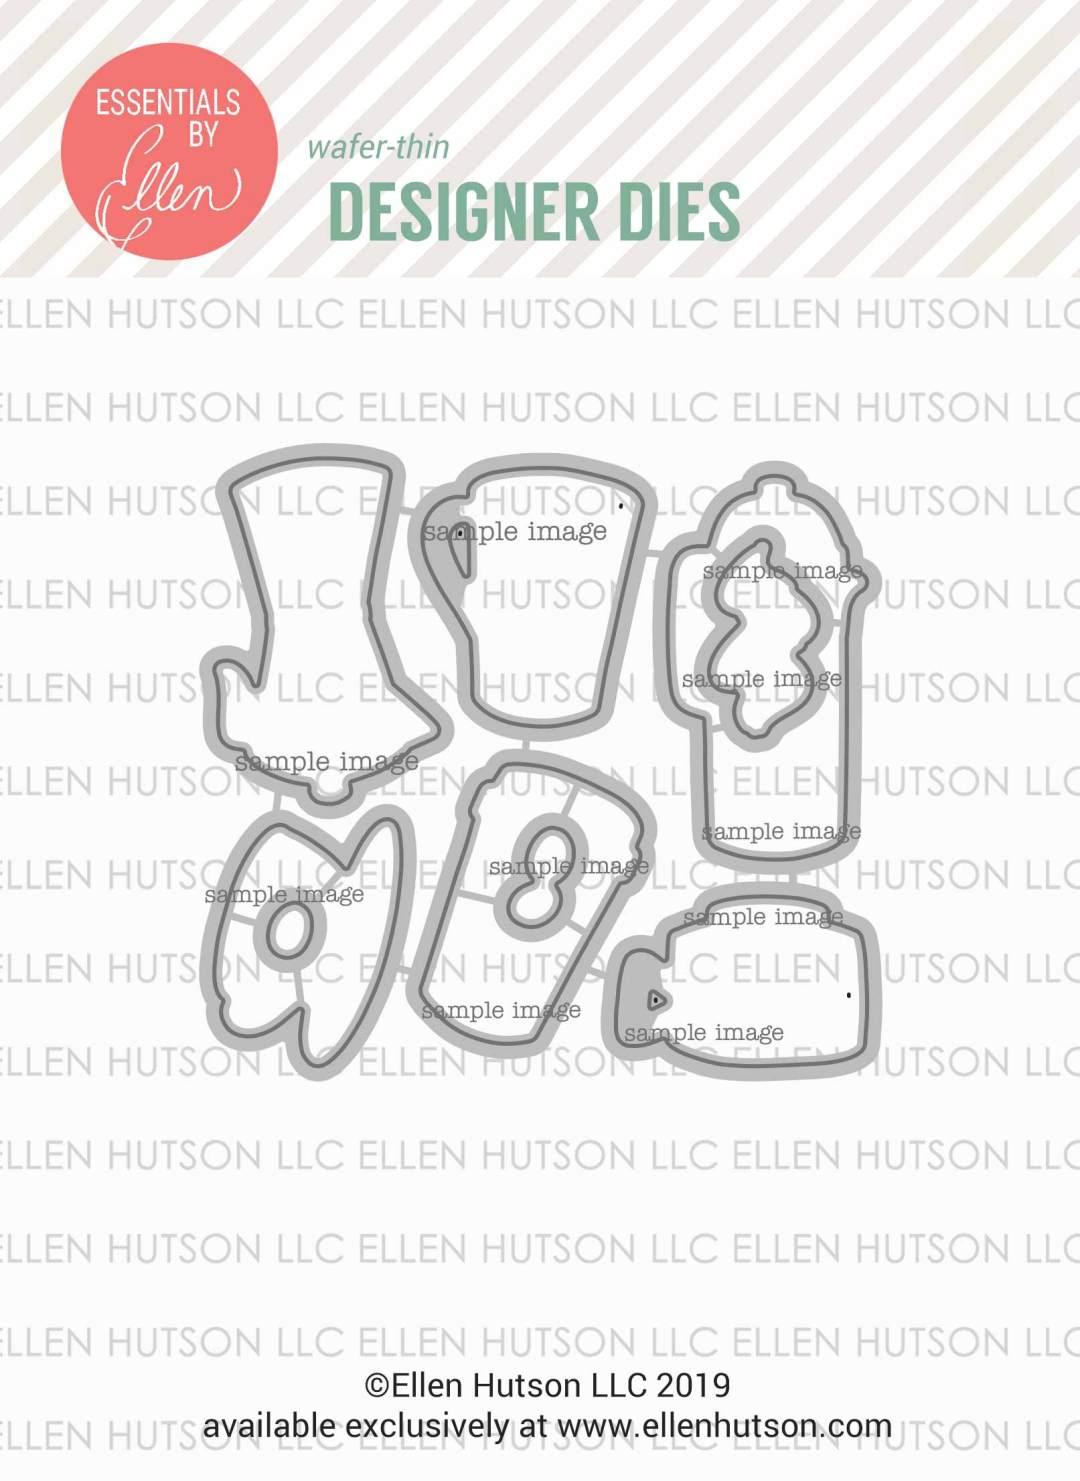 Essentials by Ellen A Breve Note dies